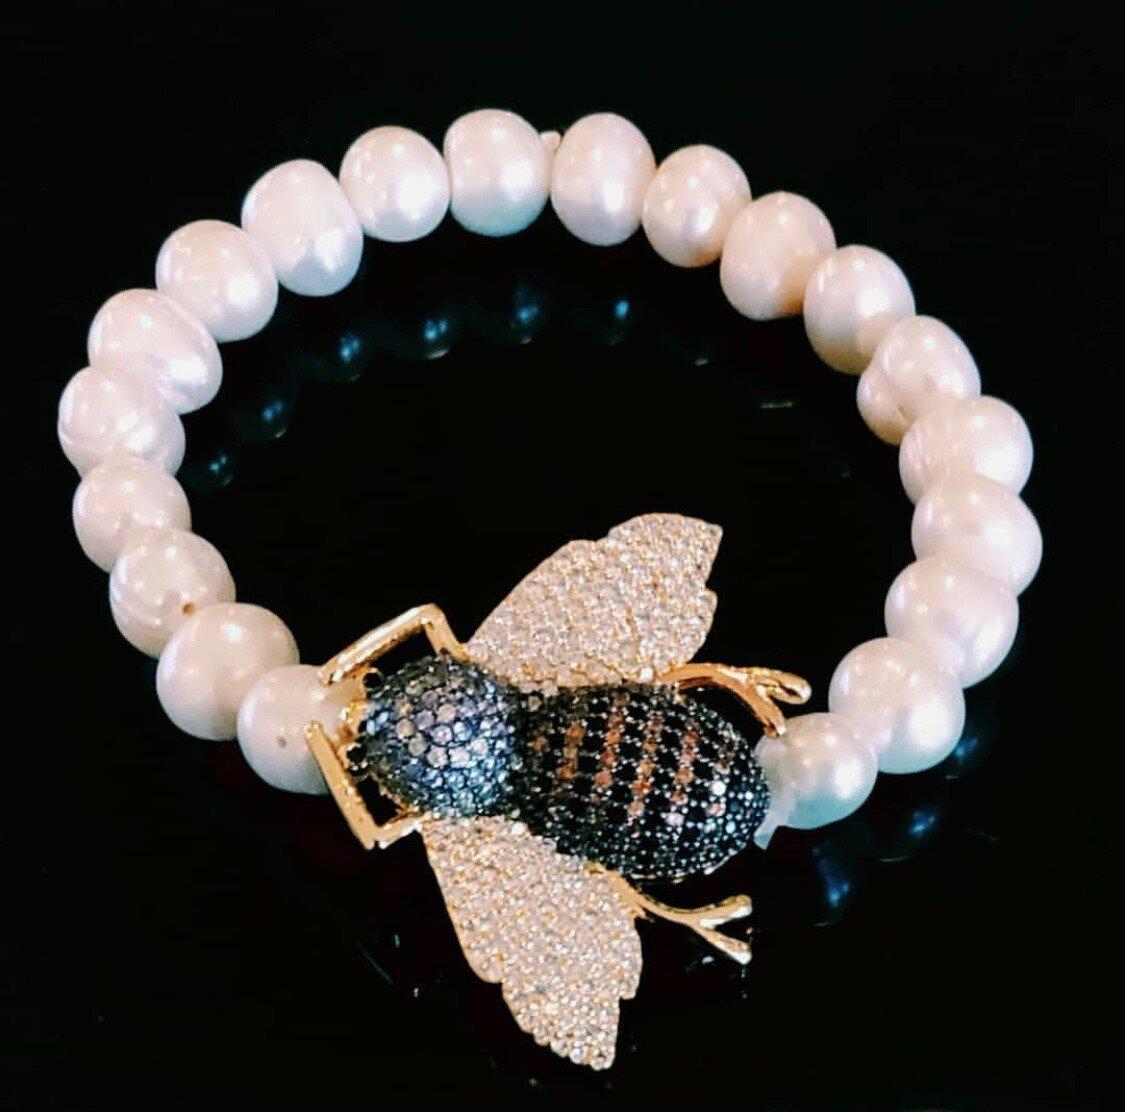 Julie Miles Bee Bracelet - Bali Pearls from Julie!